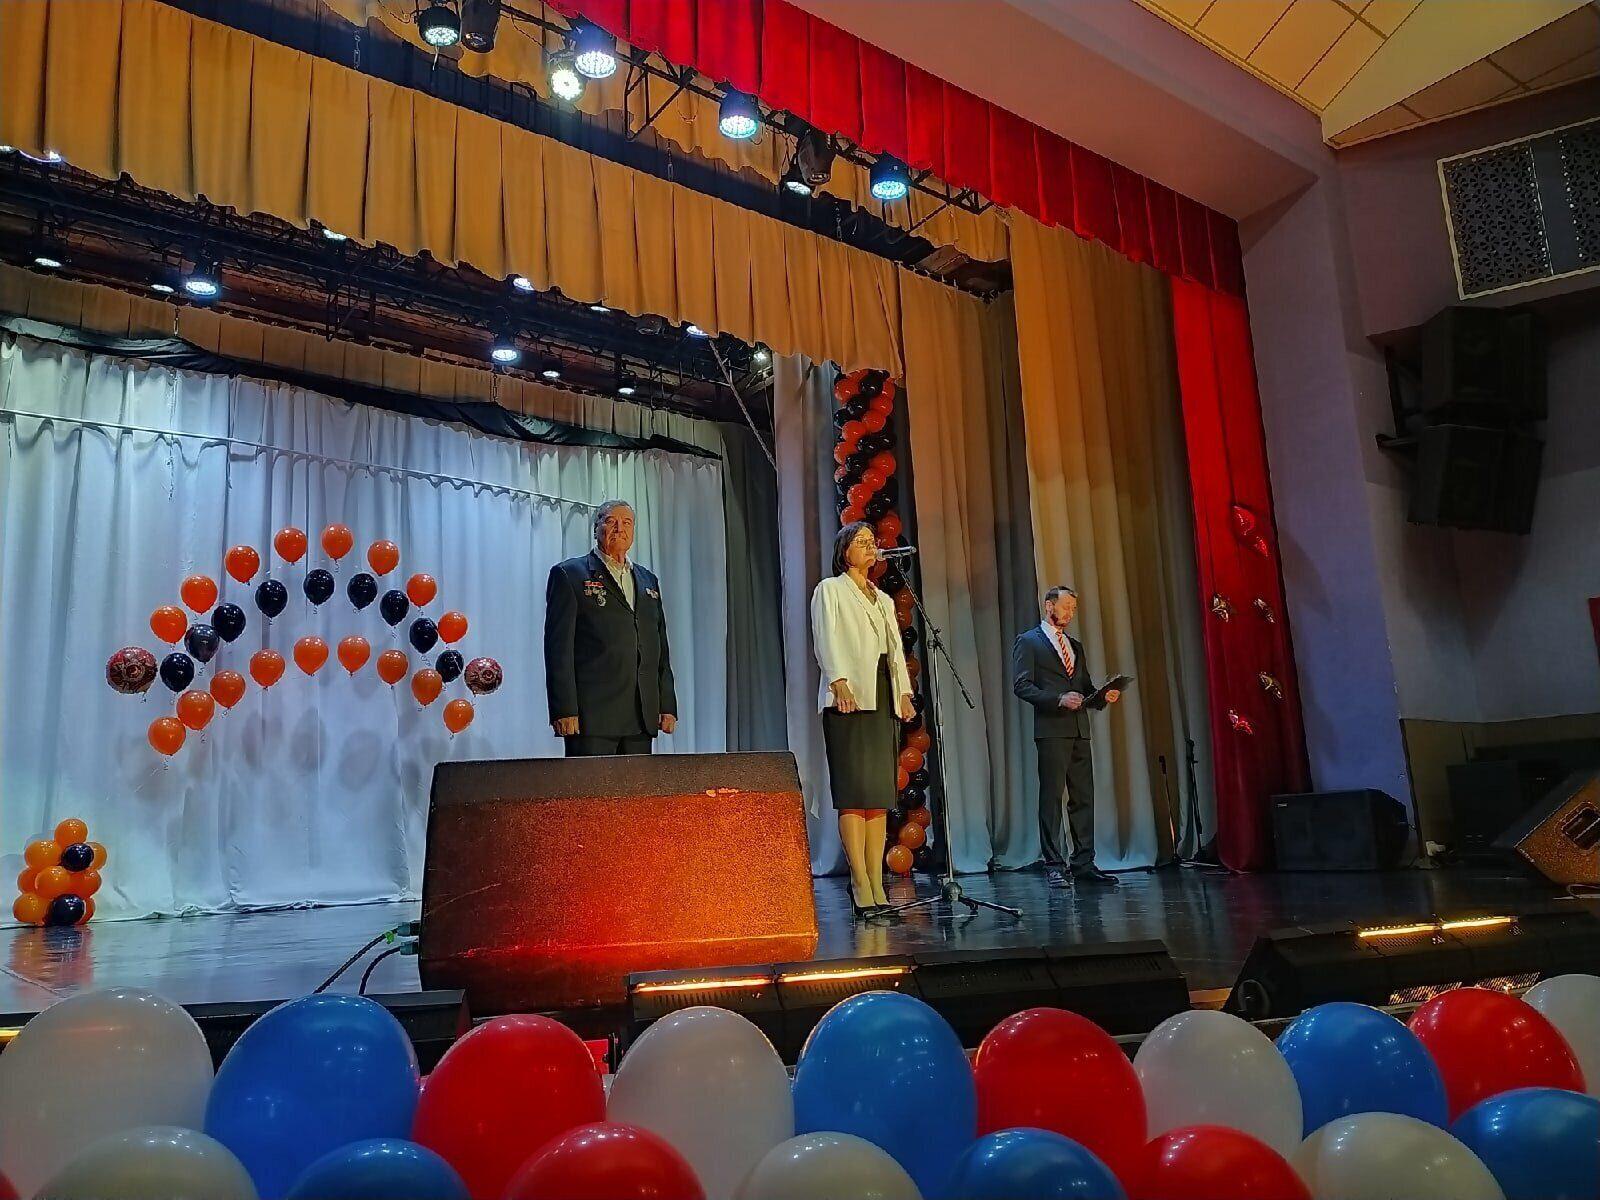 Концерт Московской государственной консерватории состоялся в Рязановском. Фото с сайта поселения Краснопахорское.